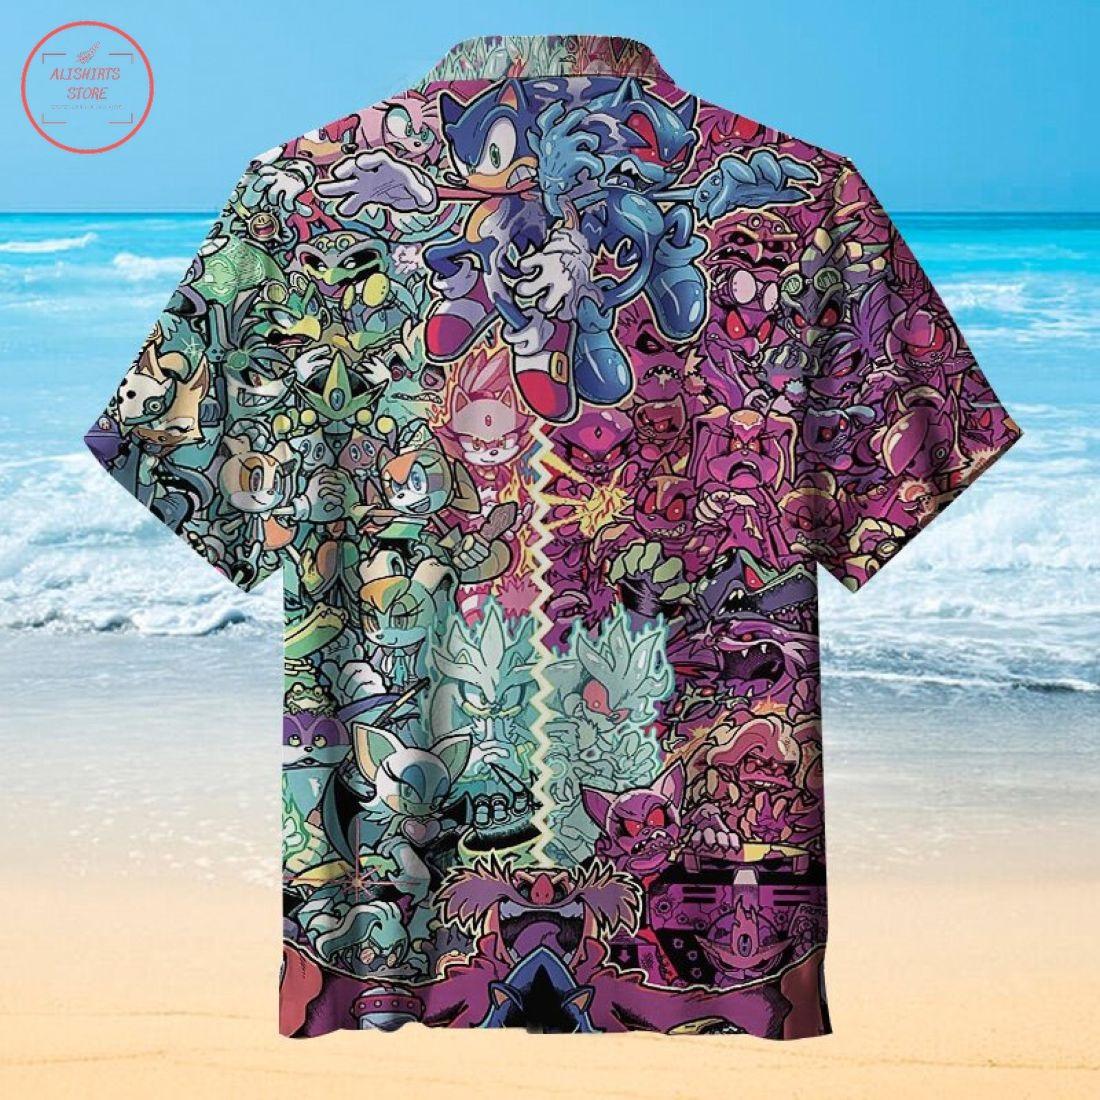 Sonic the Hedgehog Hawaiian shirt